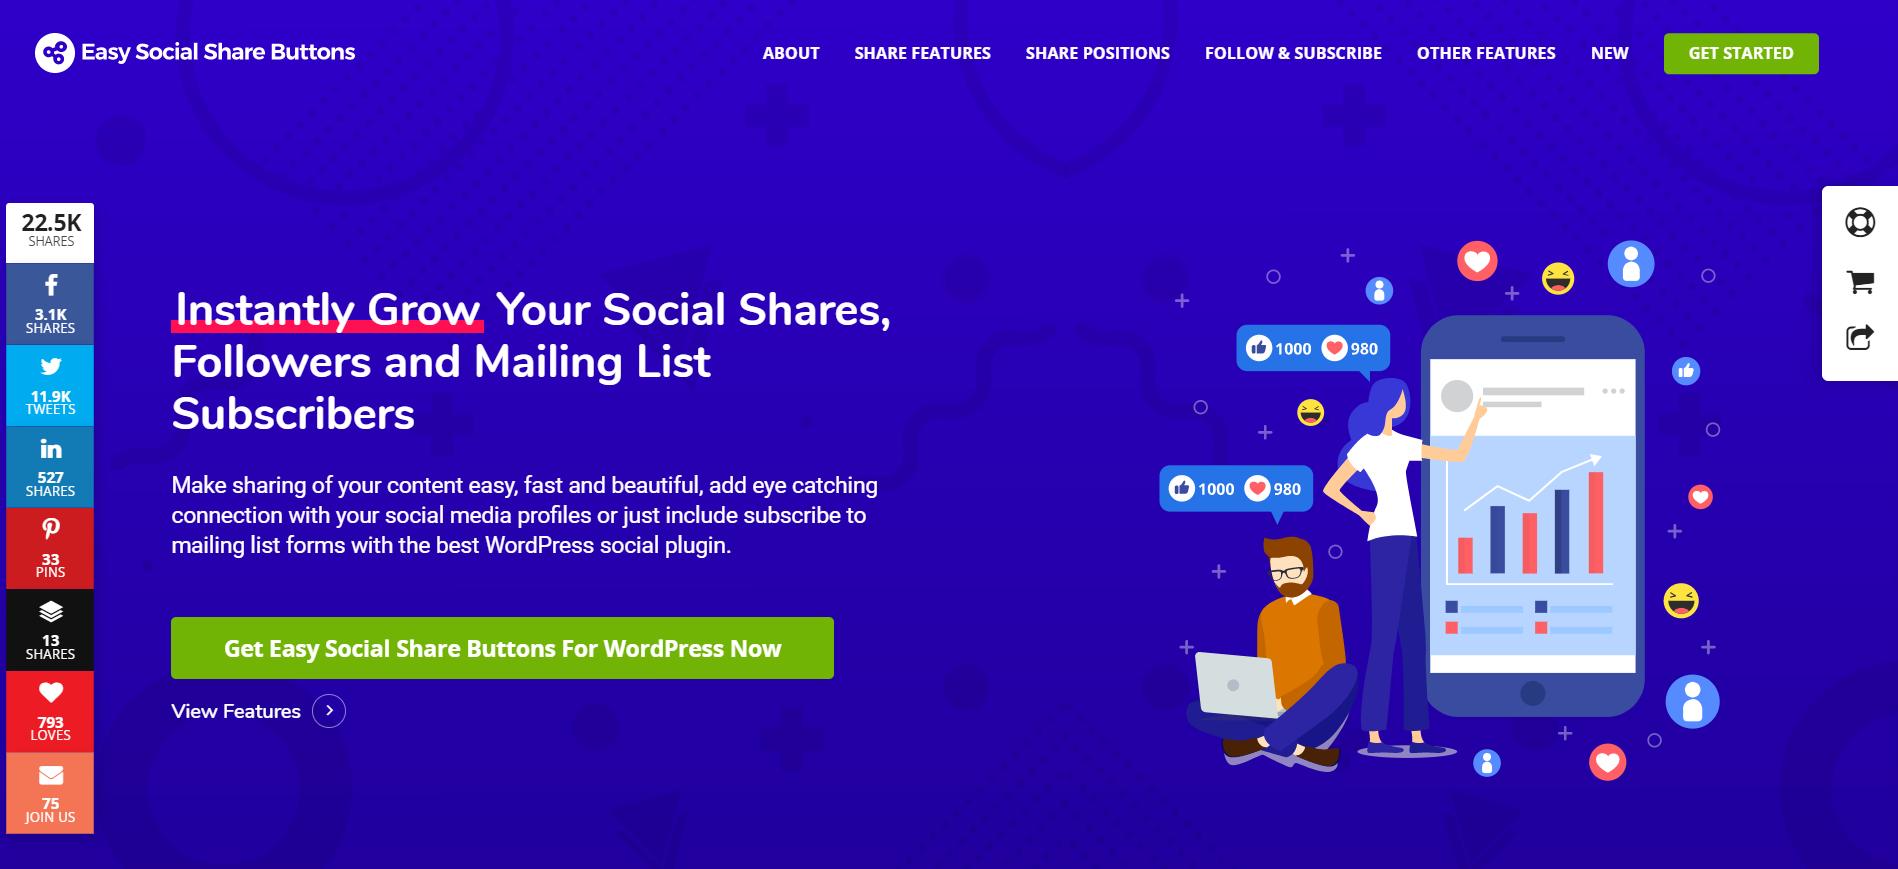 easy social share buttons schermata